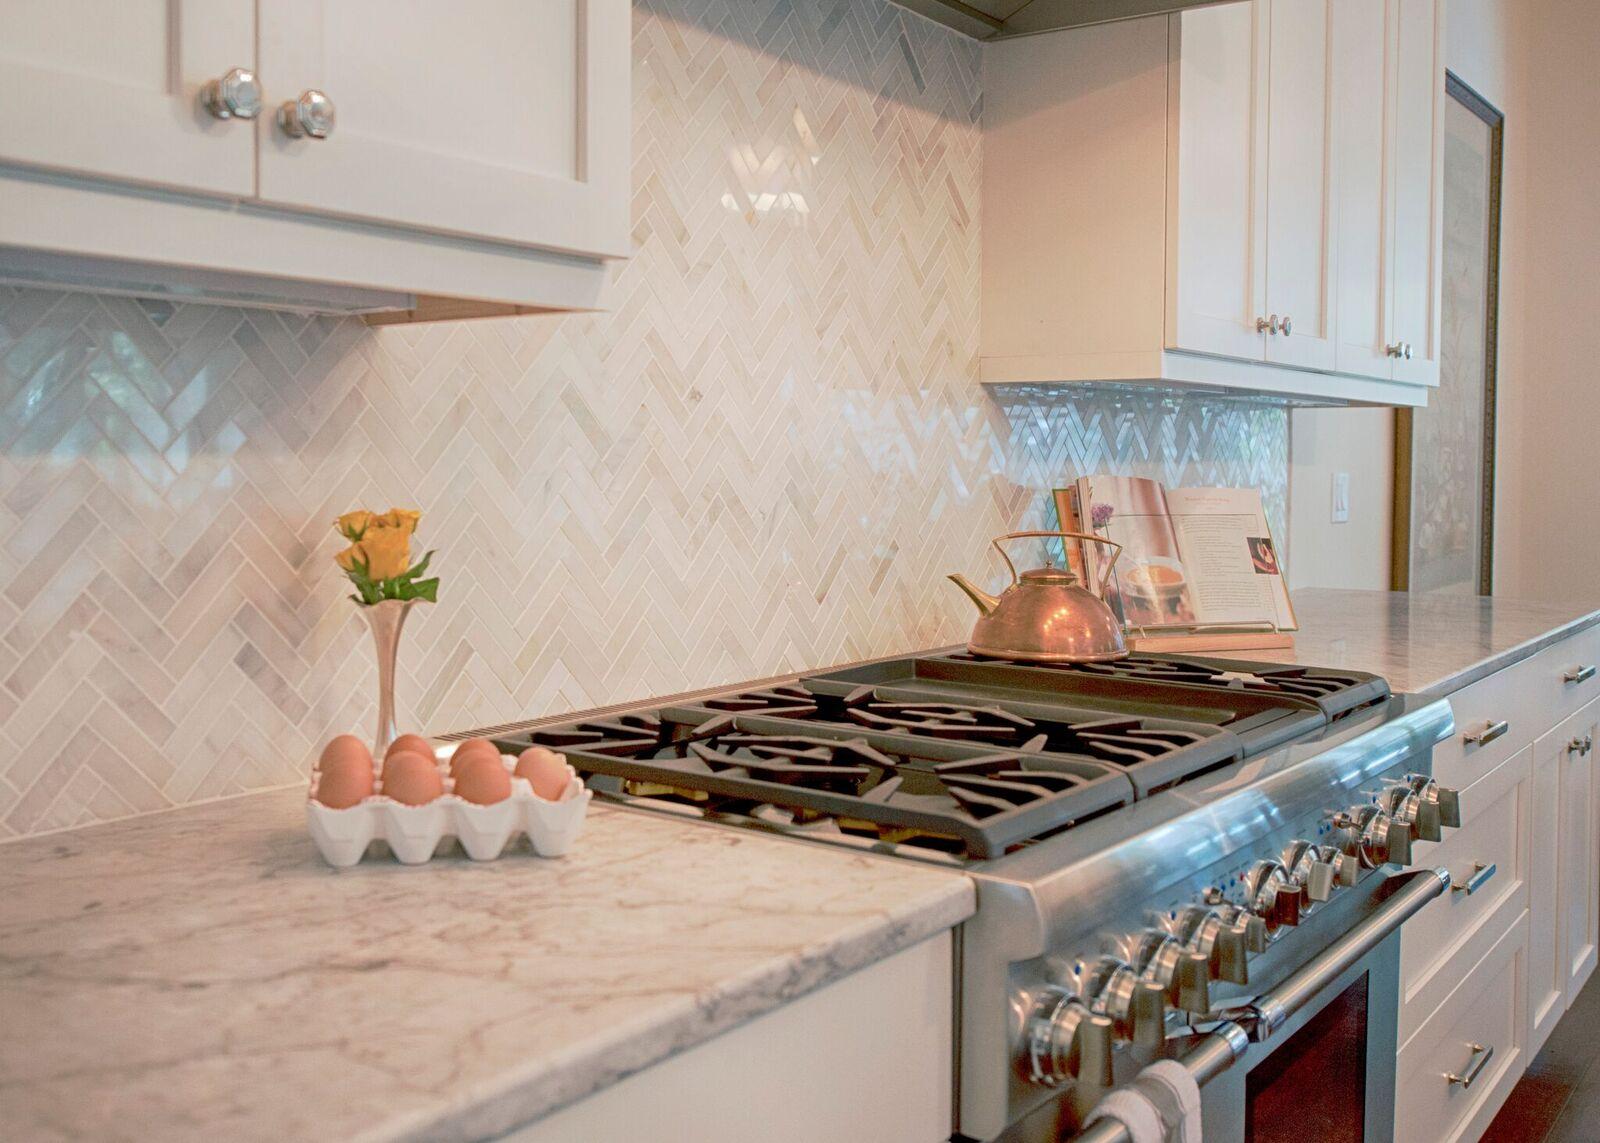 mae kitchen